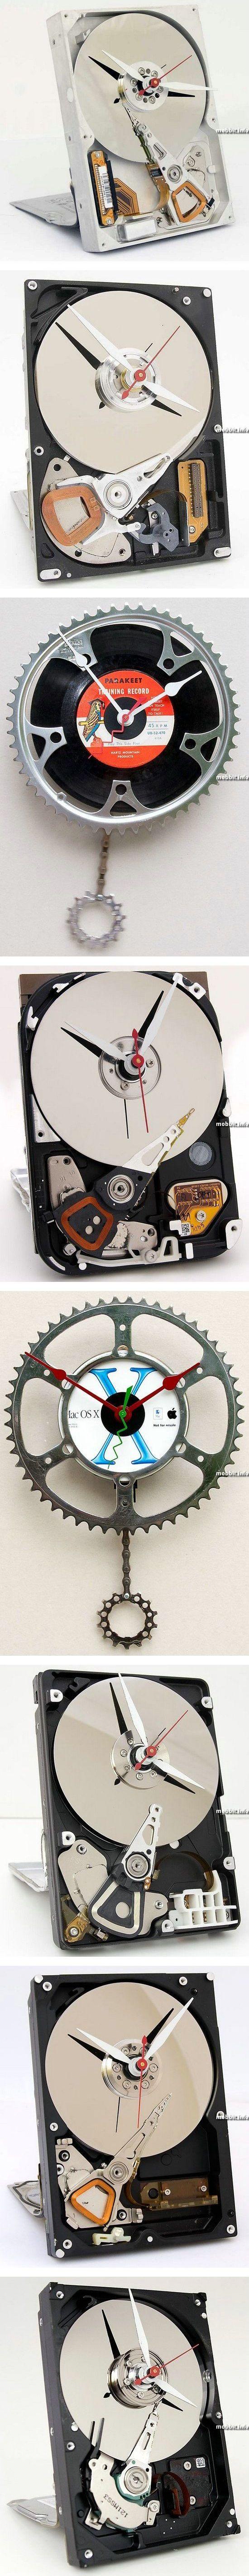 часы из старой техники